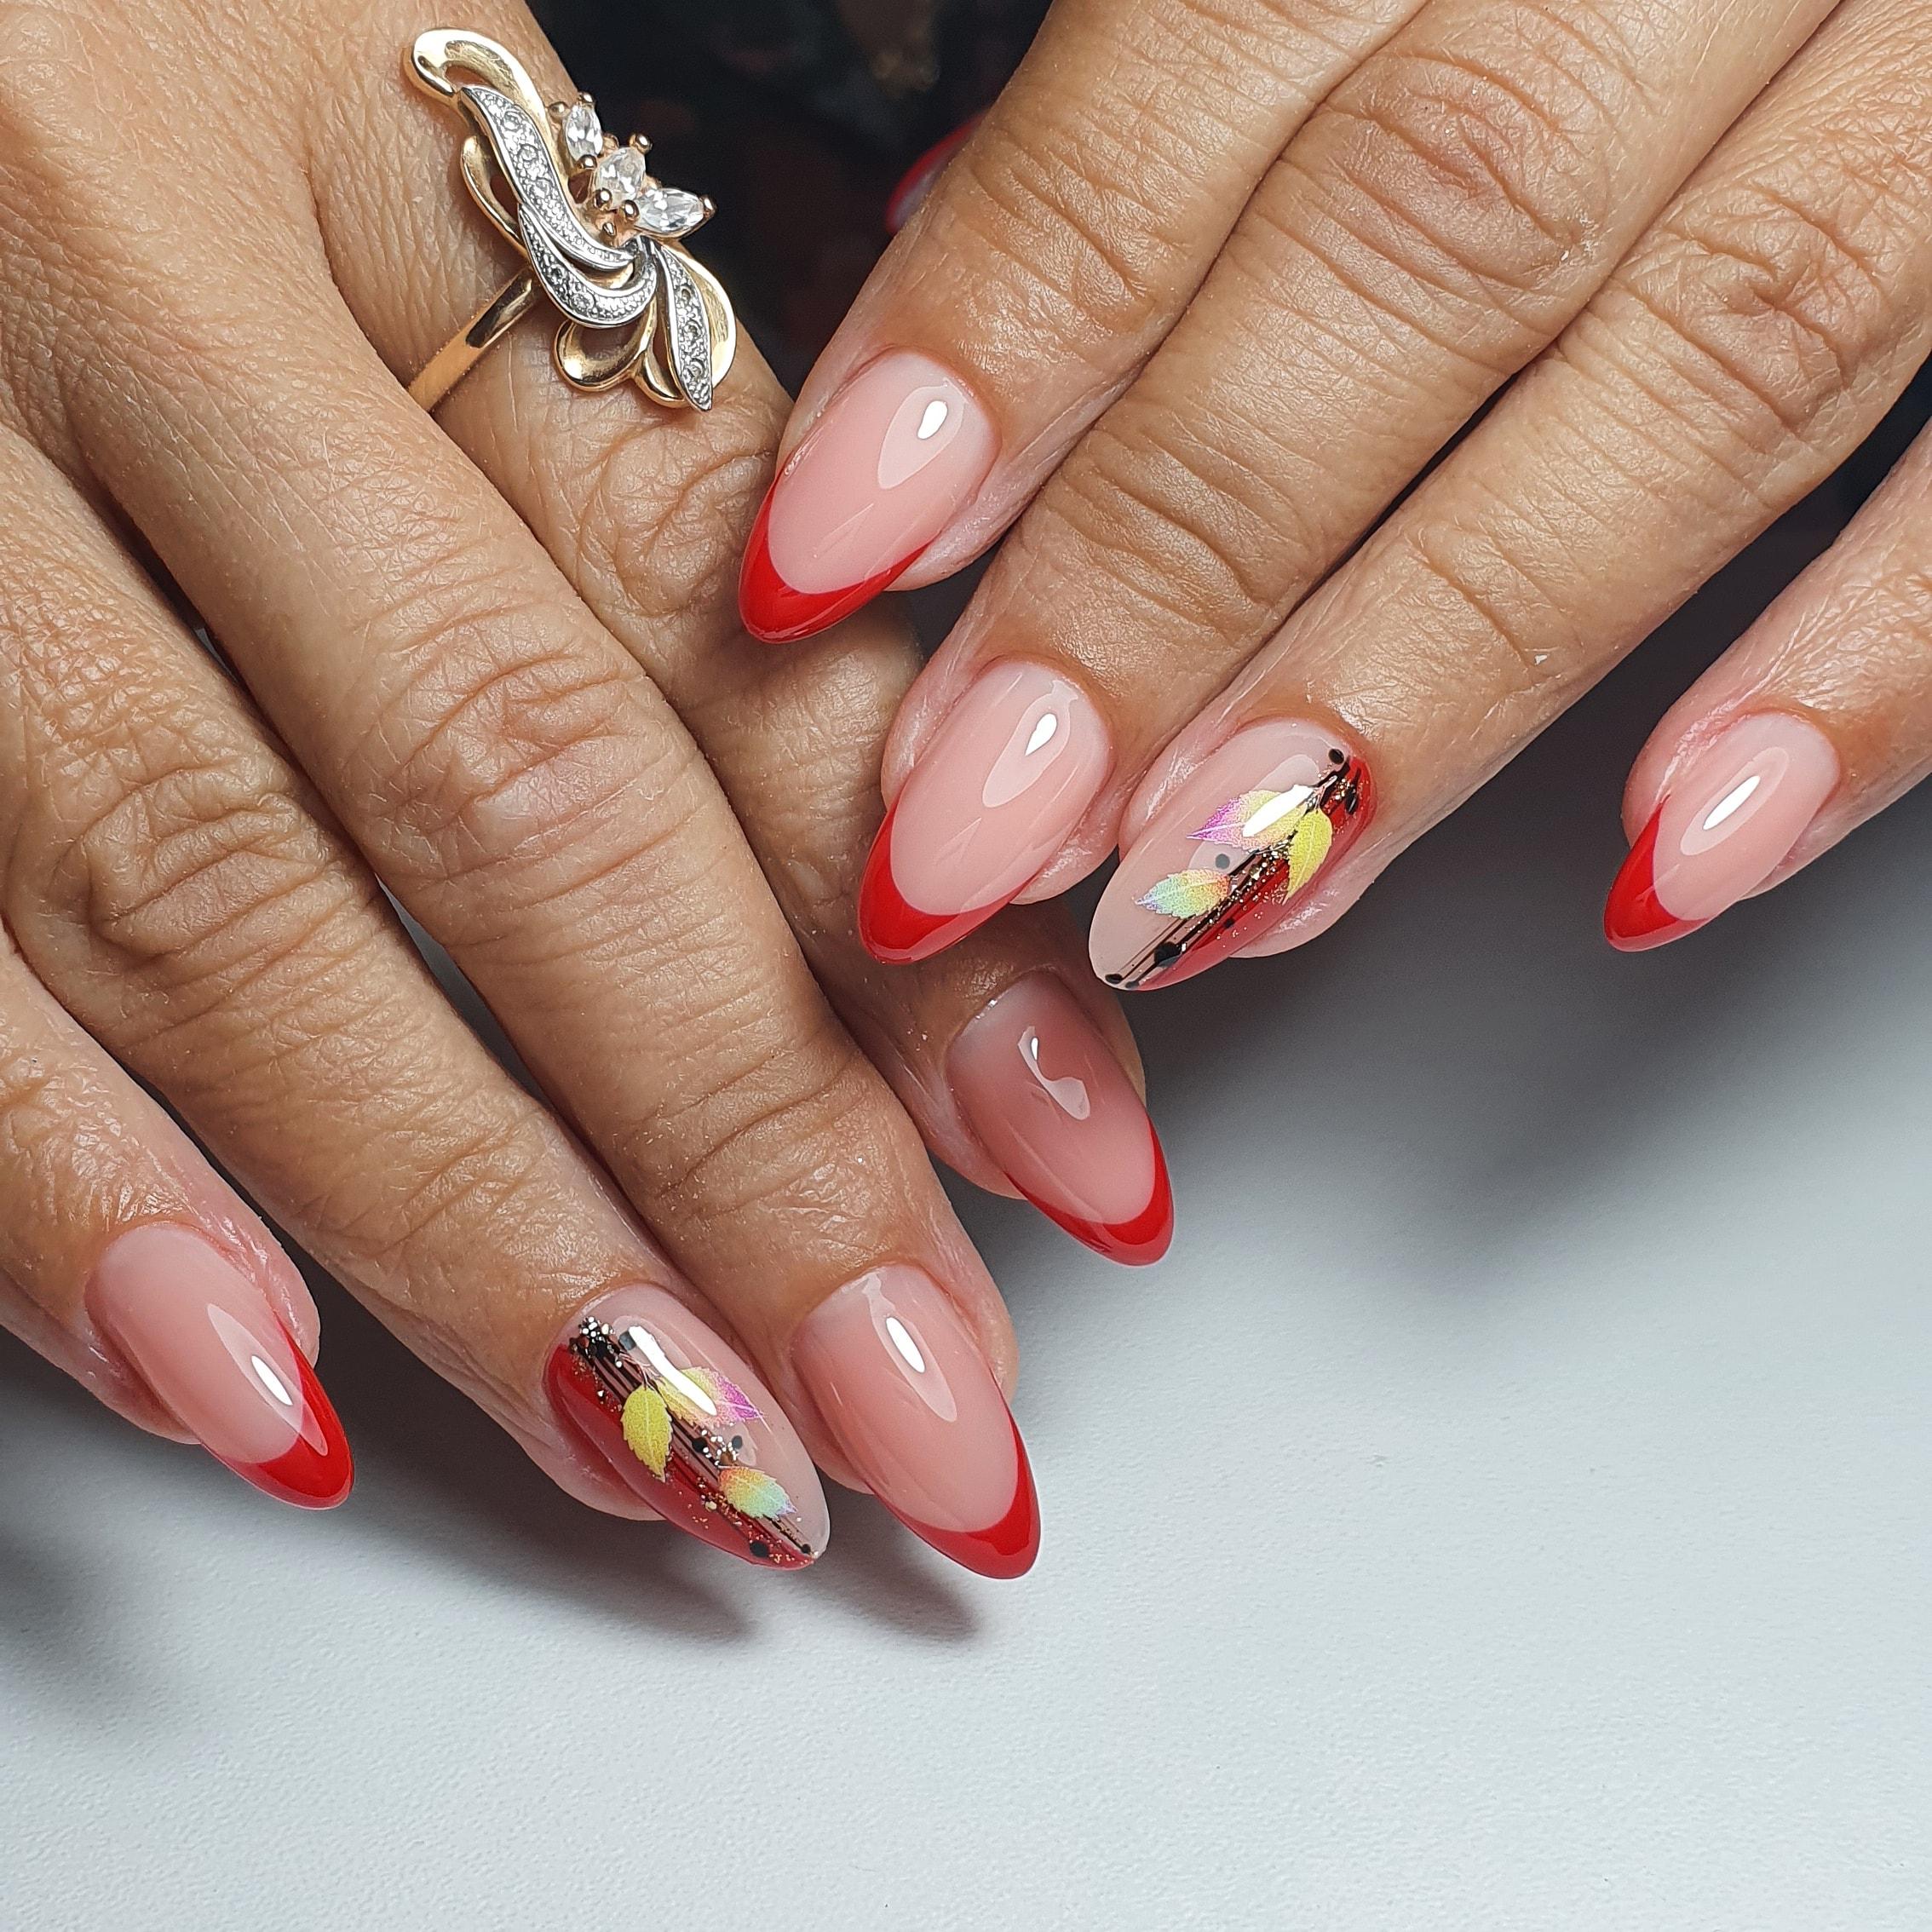 Осенний френч со слайдерами в красном цвете на длинные ногти.